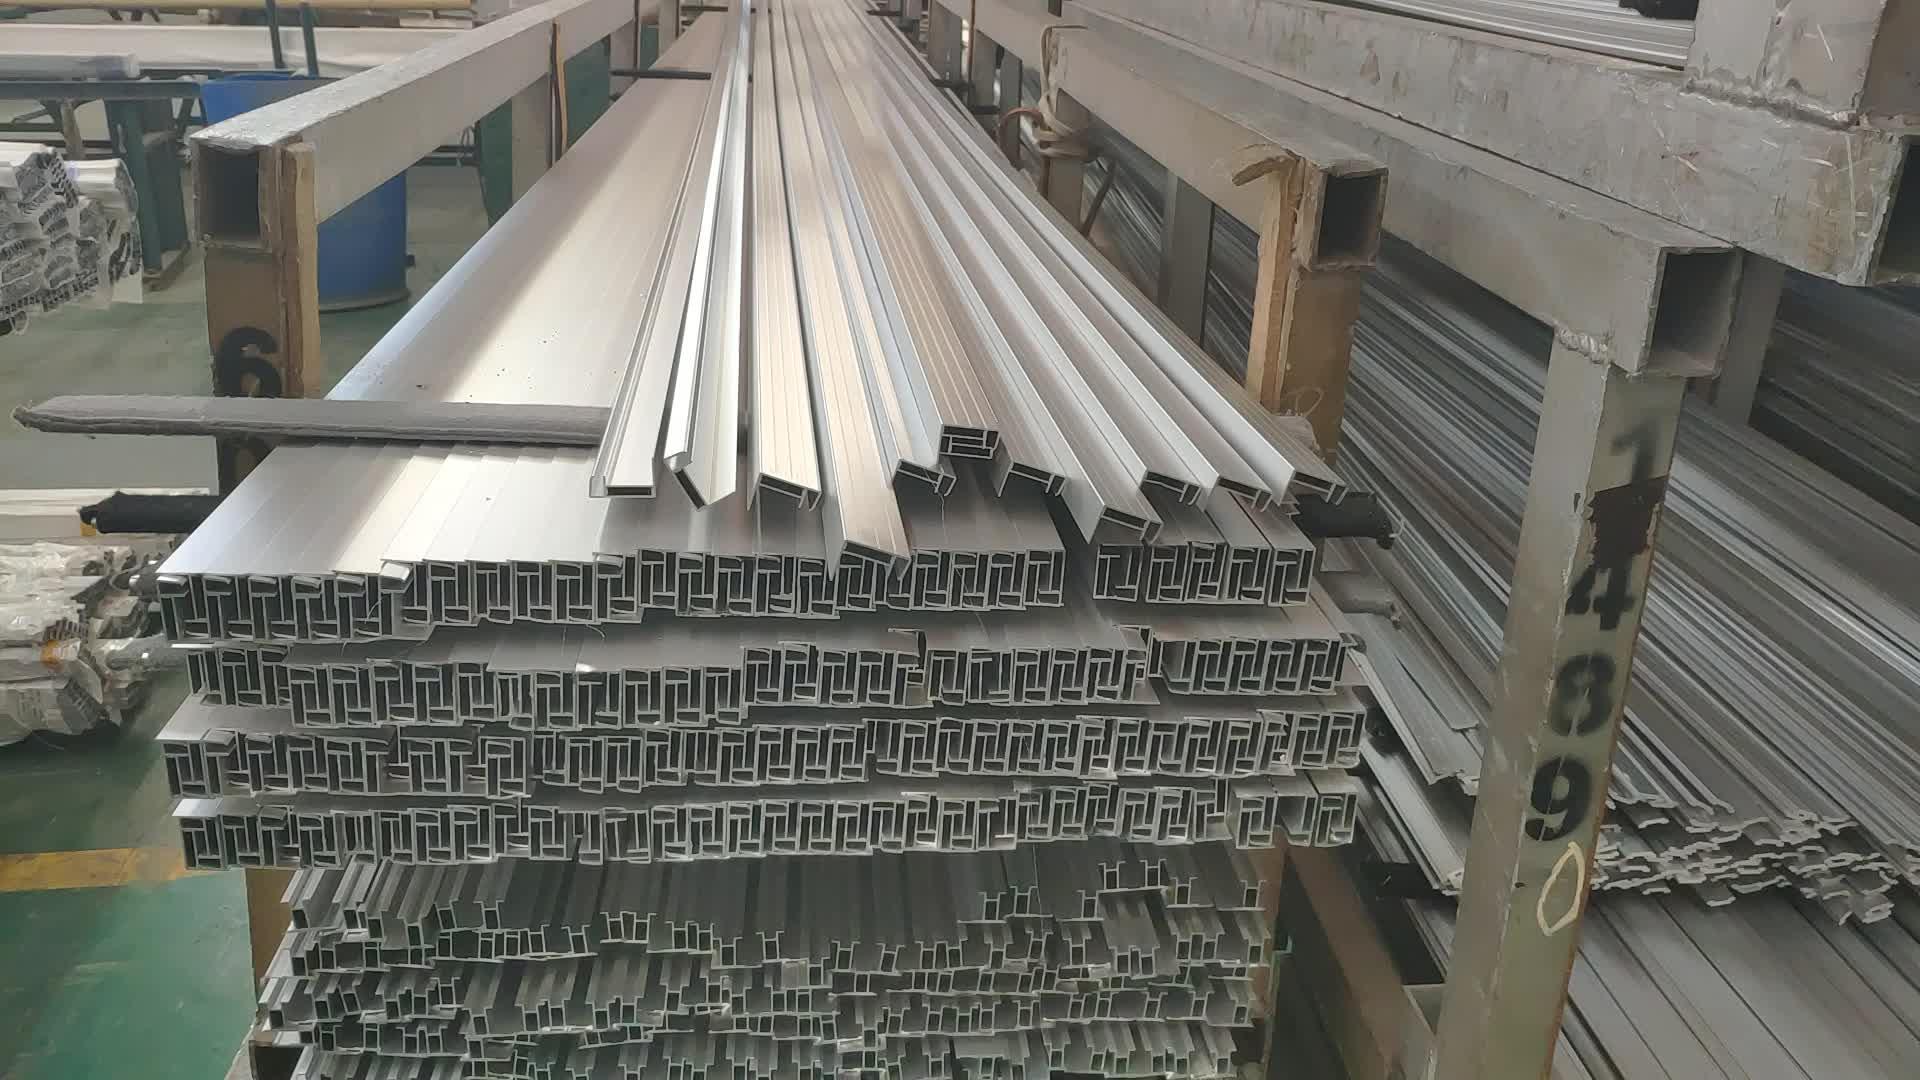 ว้าว!!เฟอร์นิเจอร์อลูมิเนียมรายละเอียดโรงงานOEM,ครัวอลูมิเนียมรายละเอียดจับผู้ผลิต,ท่ออลูมิเนียมสำหรับตู้เสื้อผ้าประตู